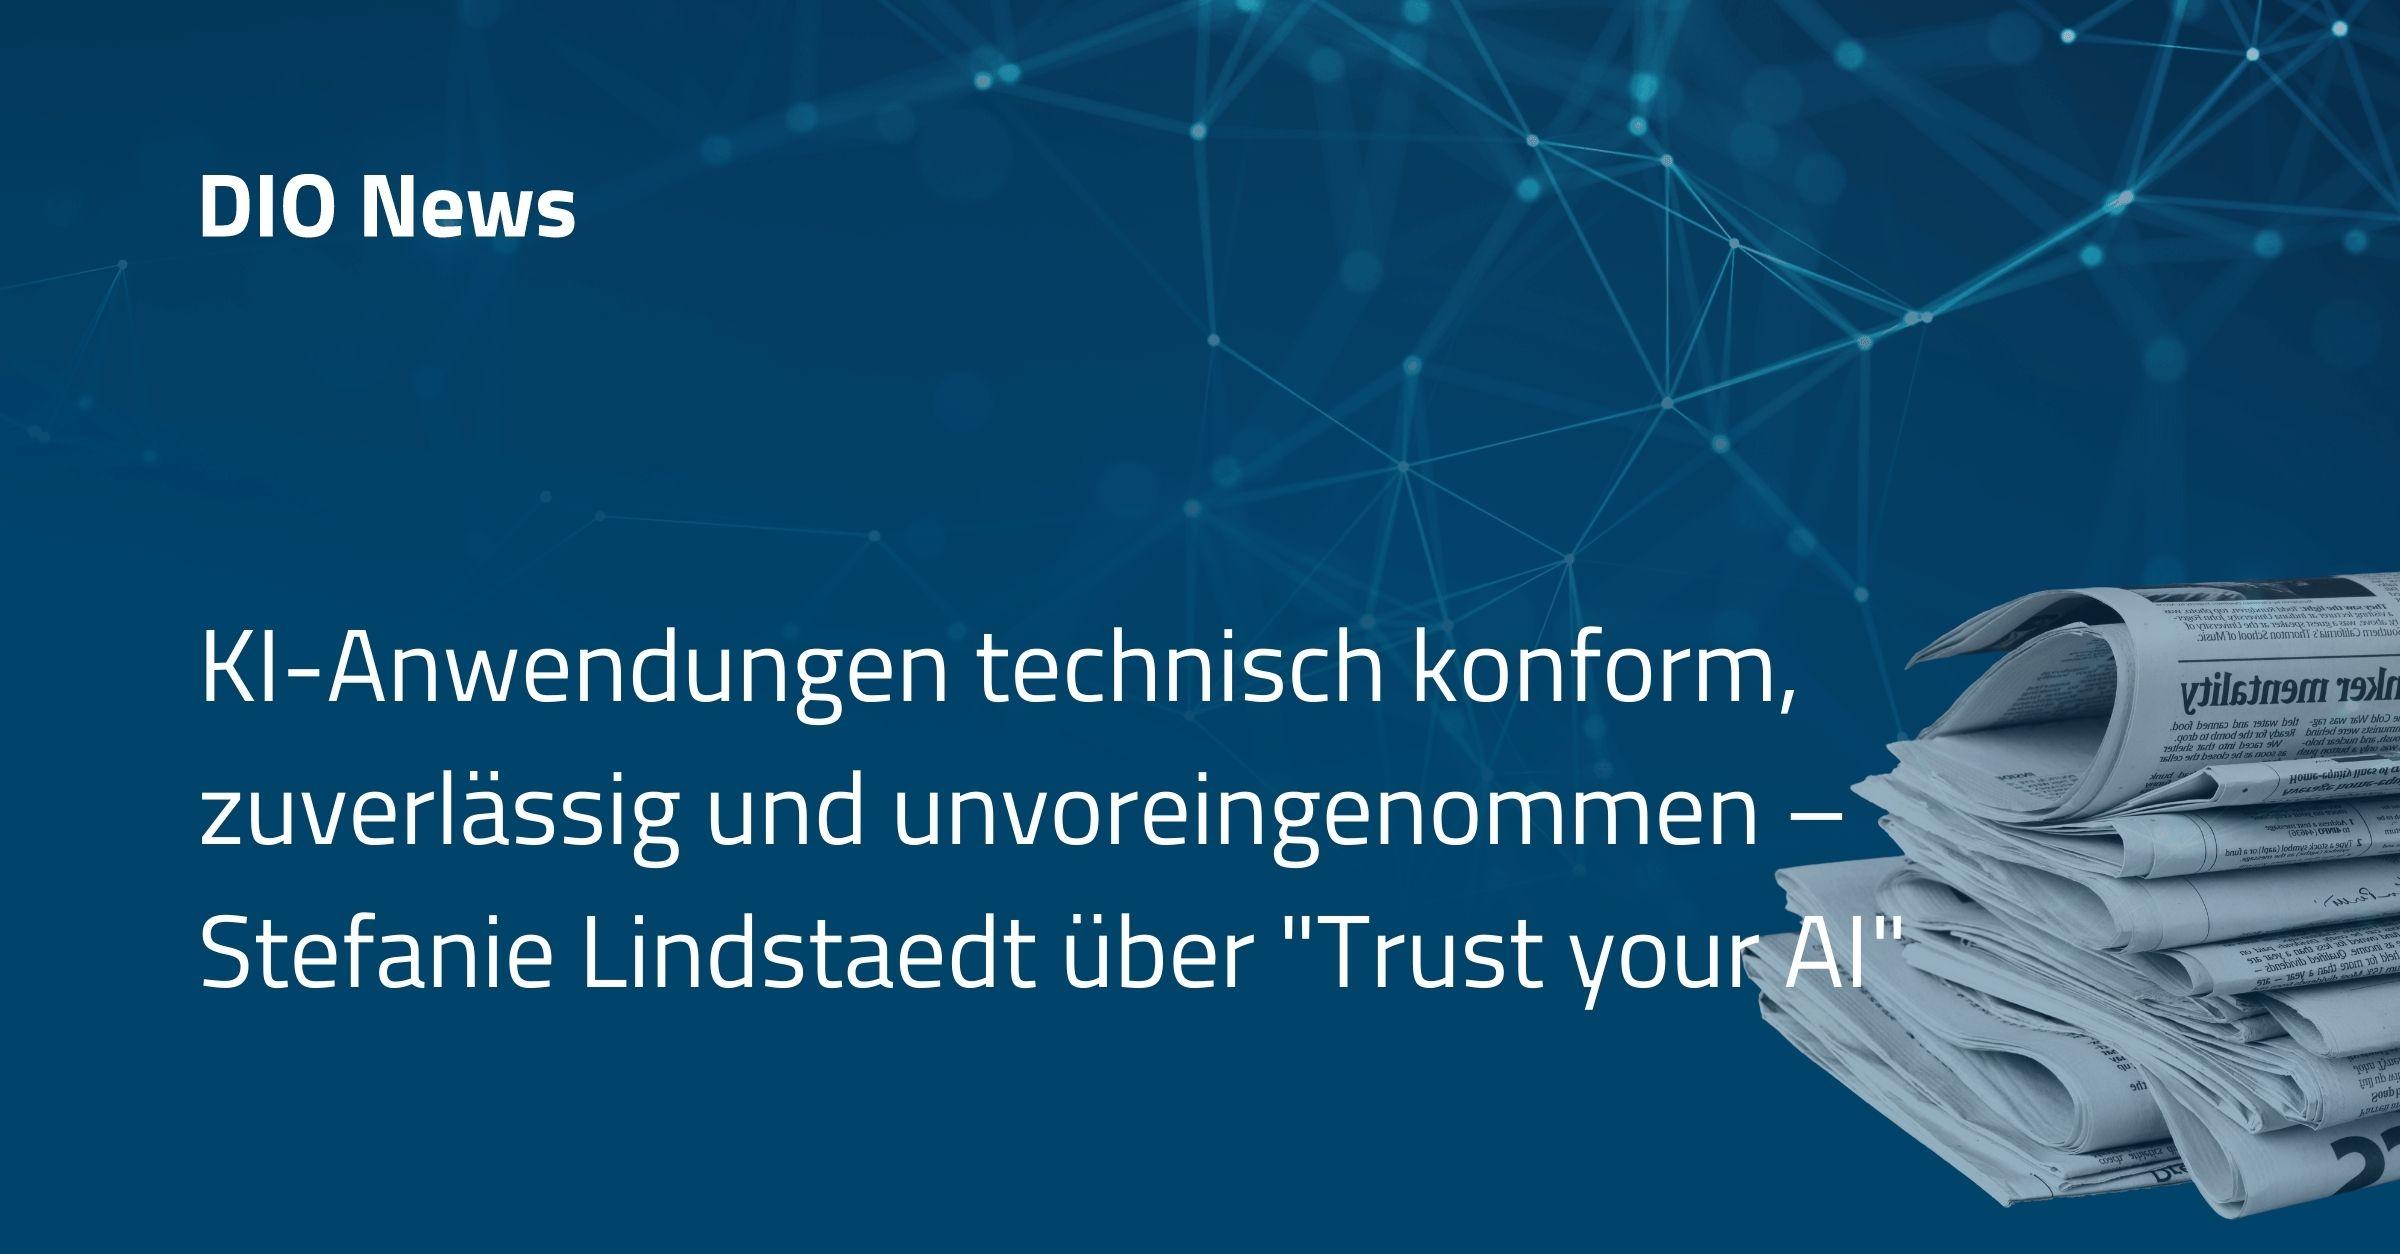 """KI-Anwendungen technisch konform, zuverlässig und unvoreingenommen – Stefanie Lindstaedt über """"Trust your AI"""""""